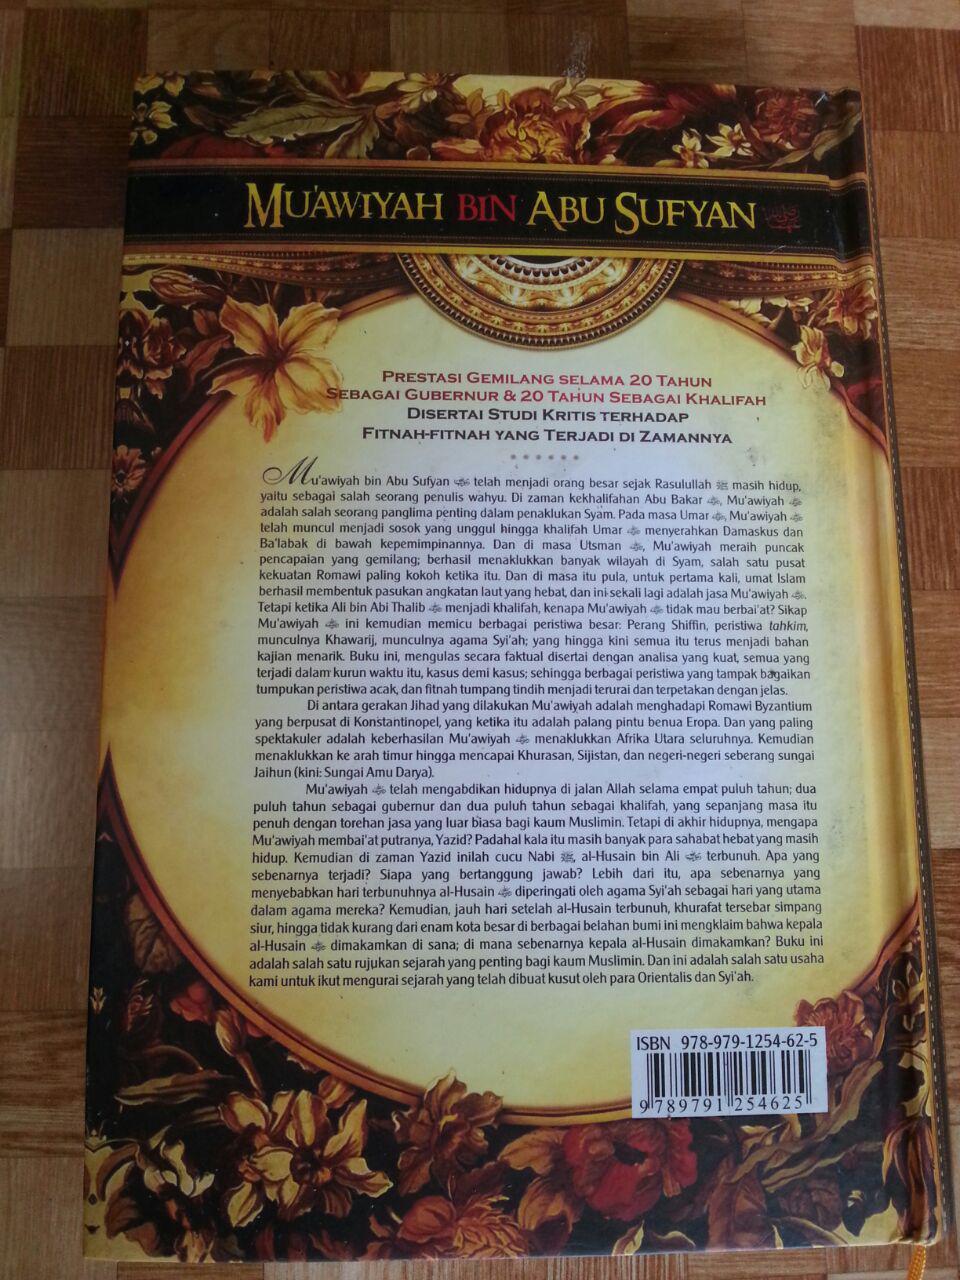 Buku Muawiyah Bin Abu Sufyan cover